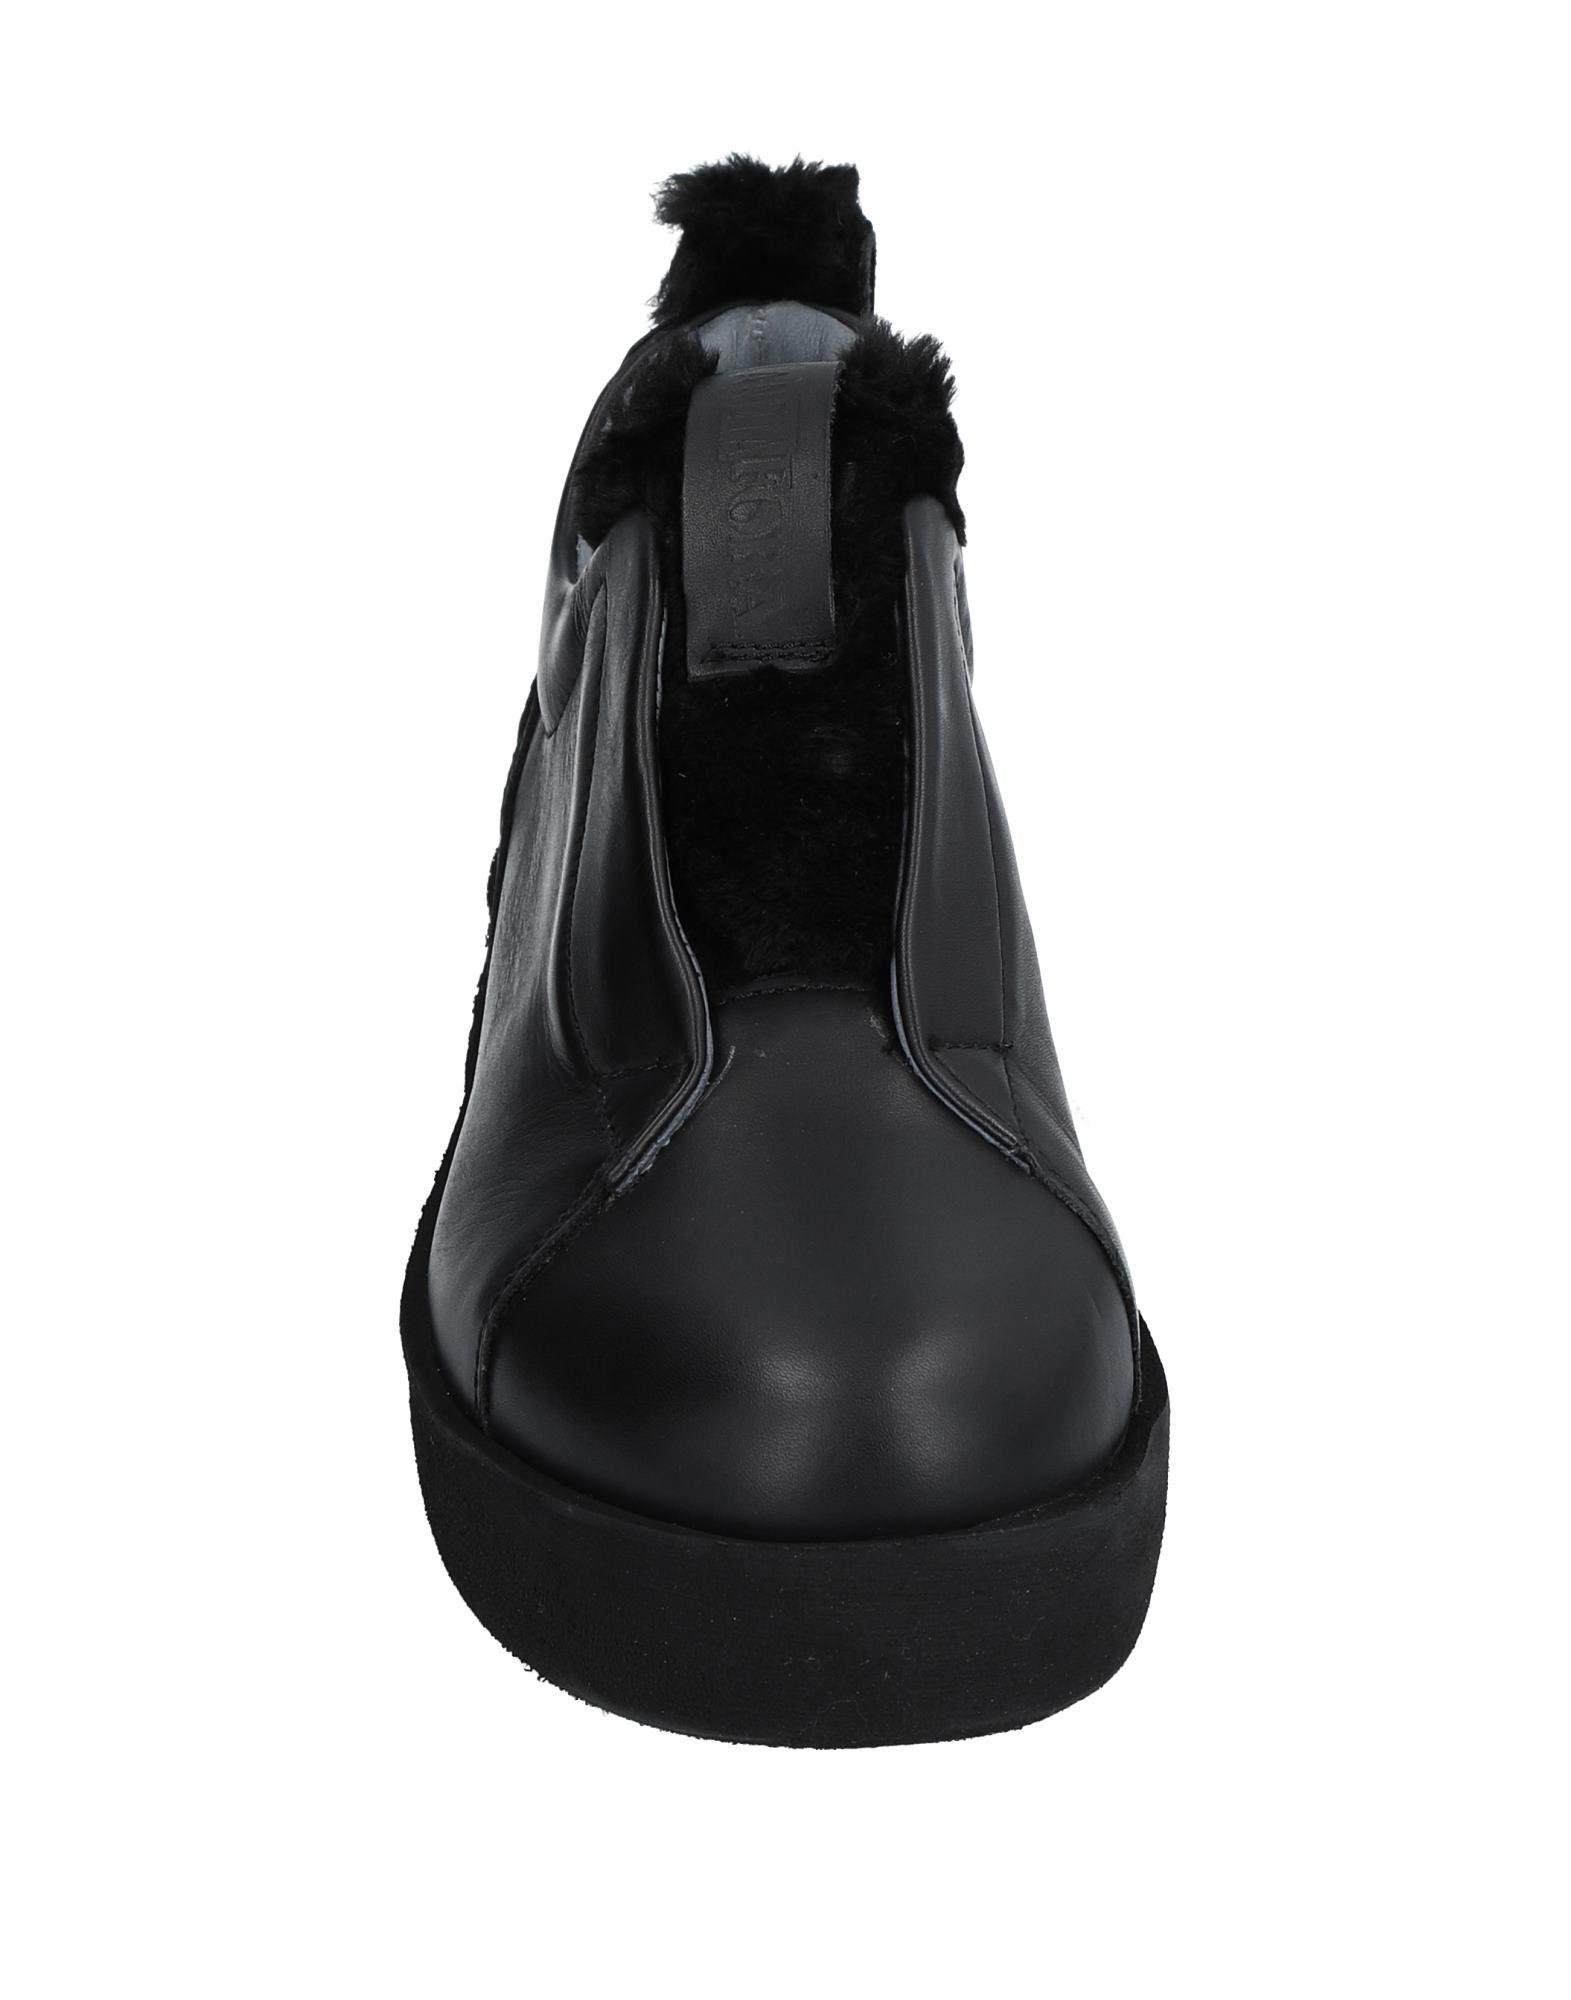 Andìa 11530890XE Fora Sneakers Damen  11530890XE Andìa Gute Qualität beliebte Schuhe 936711